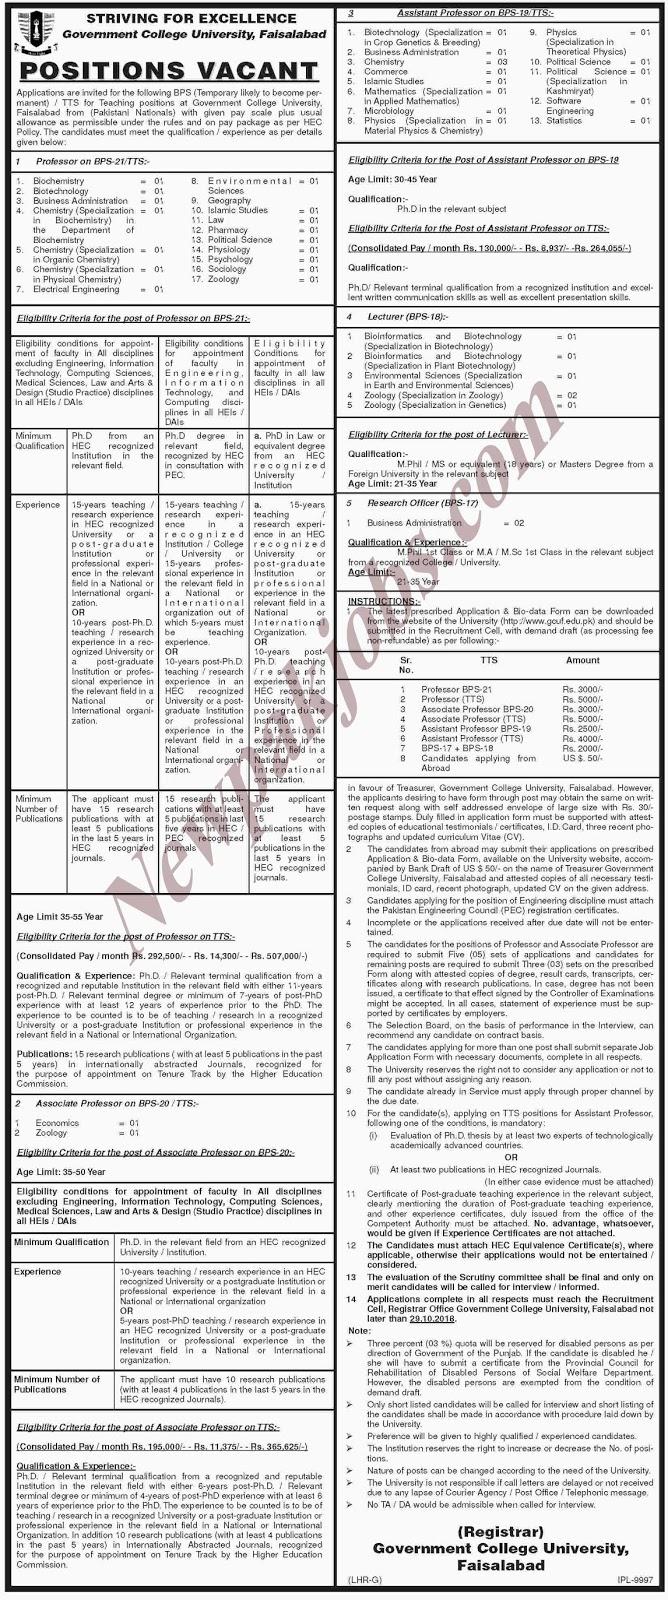 Jobs-in-Govt-College-GC-University-Faisalabad-TODAY-13-Oct-2018 copy.jpg